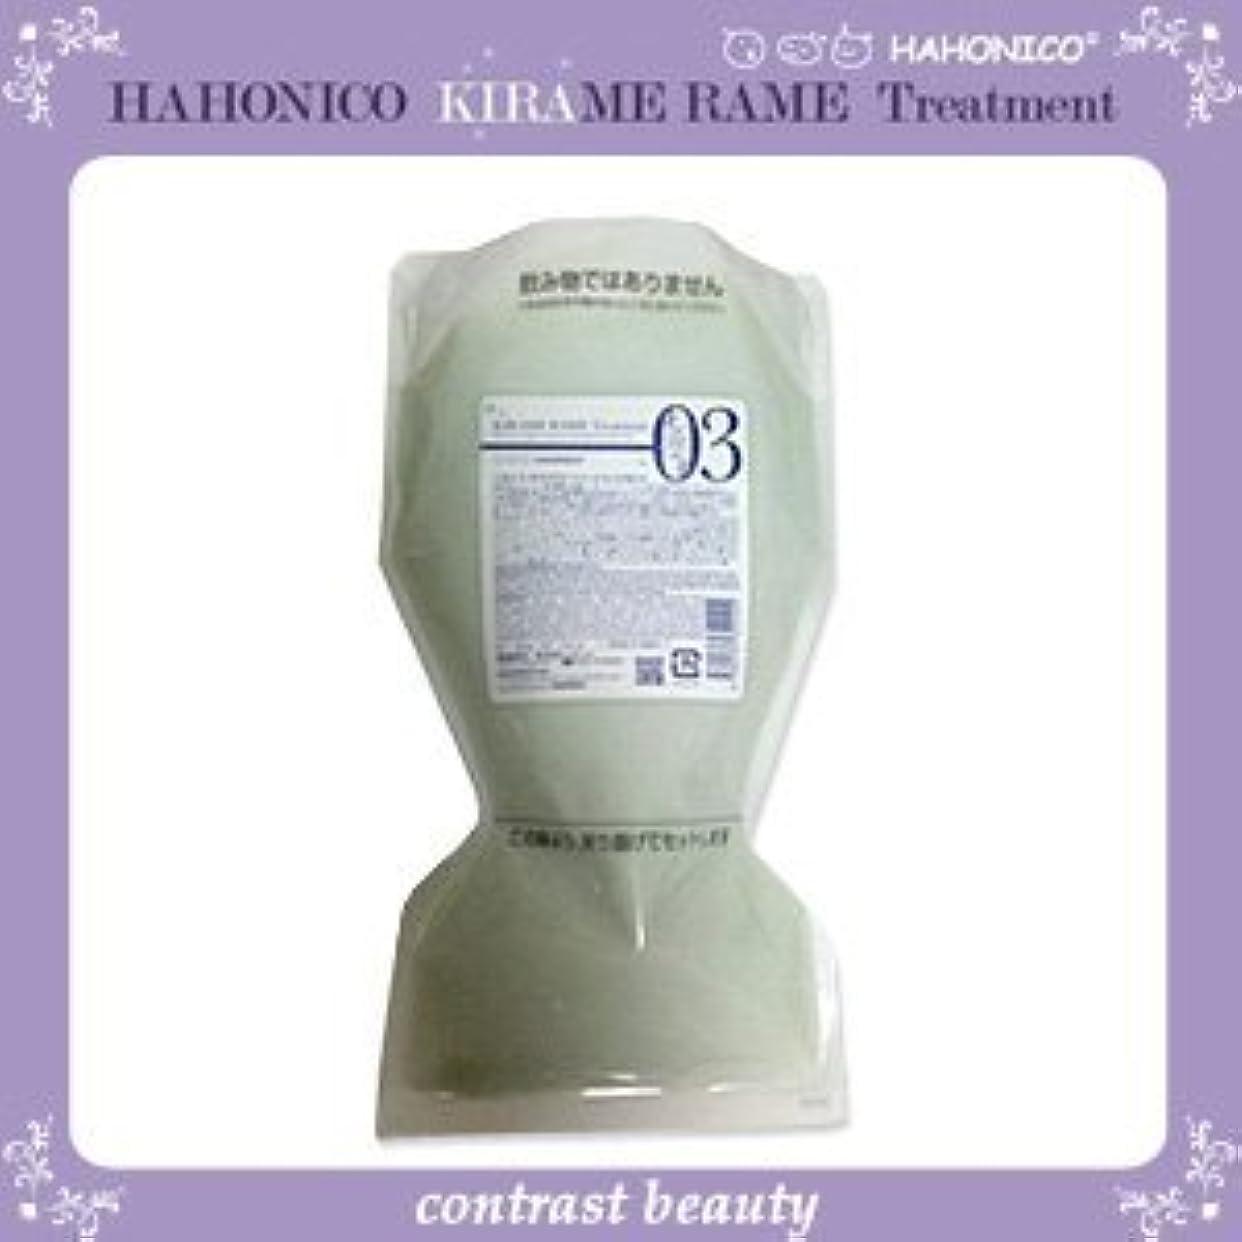 宿泊施設女性逸話ハホニコ キラメラメ トリートメントNo.3 500g(詰め替え) KIRAME RAME HAHONICO